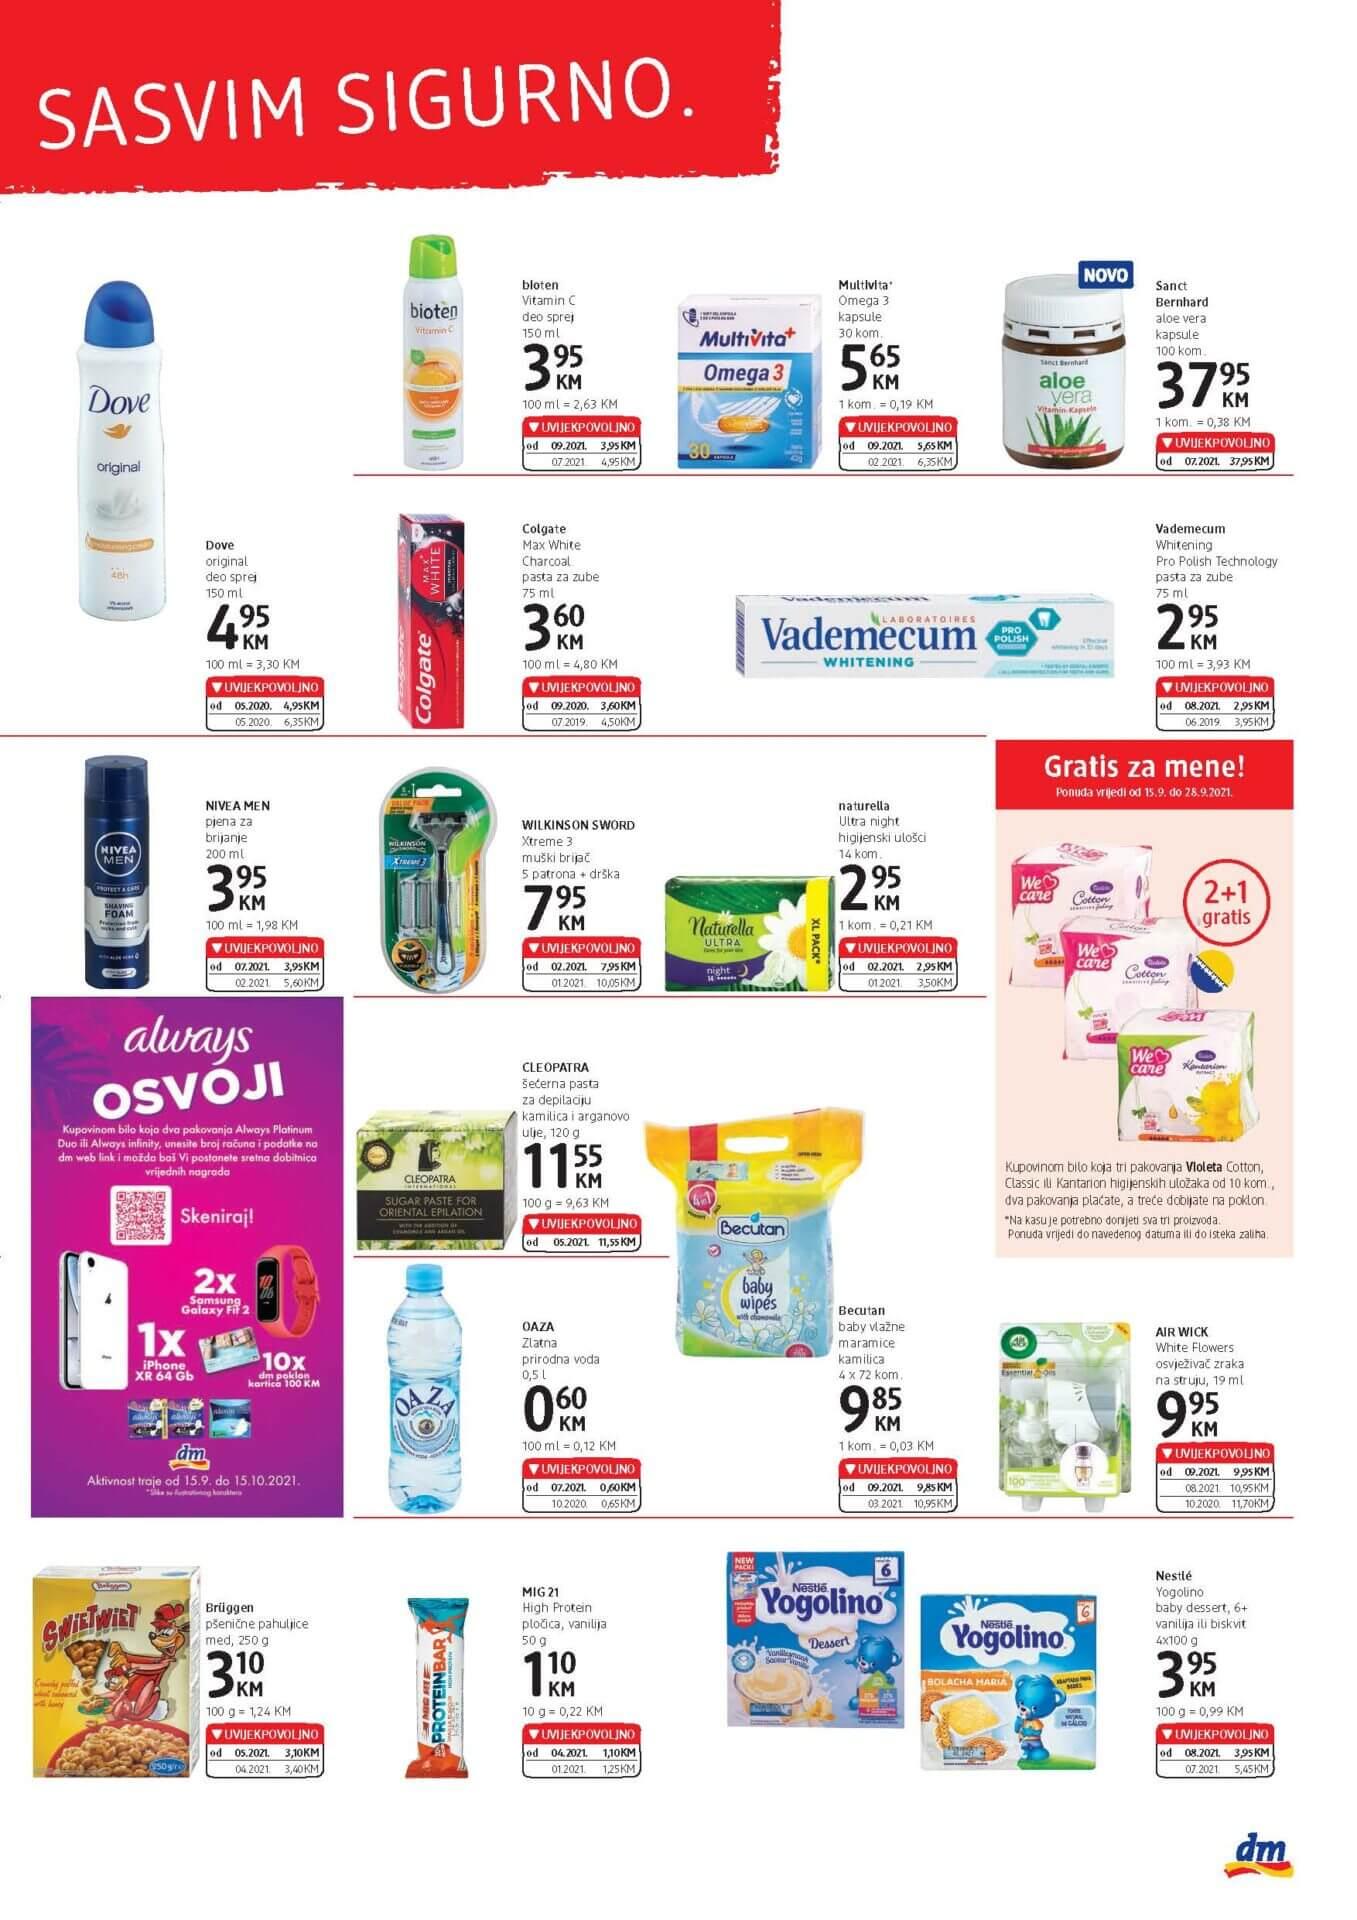 DM Express Katalog BiH SEPTEMBAR 2021 15.9.2021. 28.9.2021. Page 3